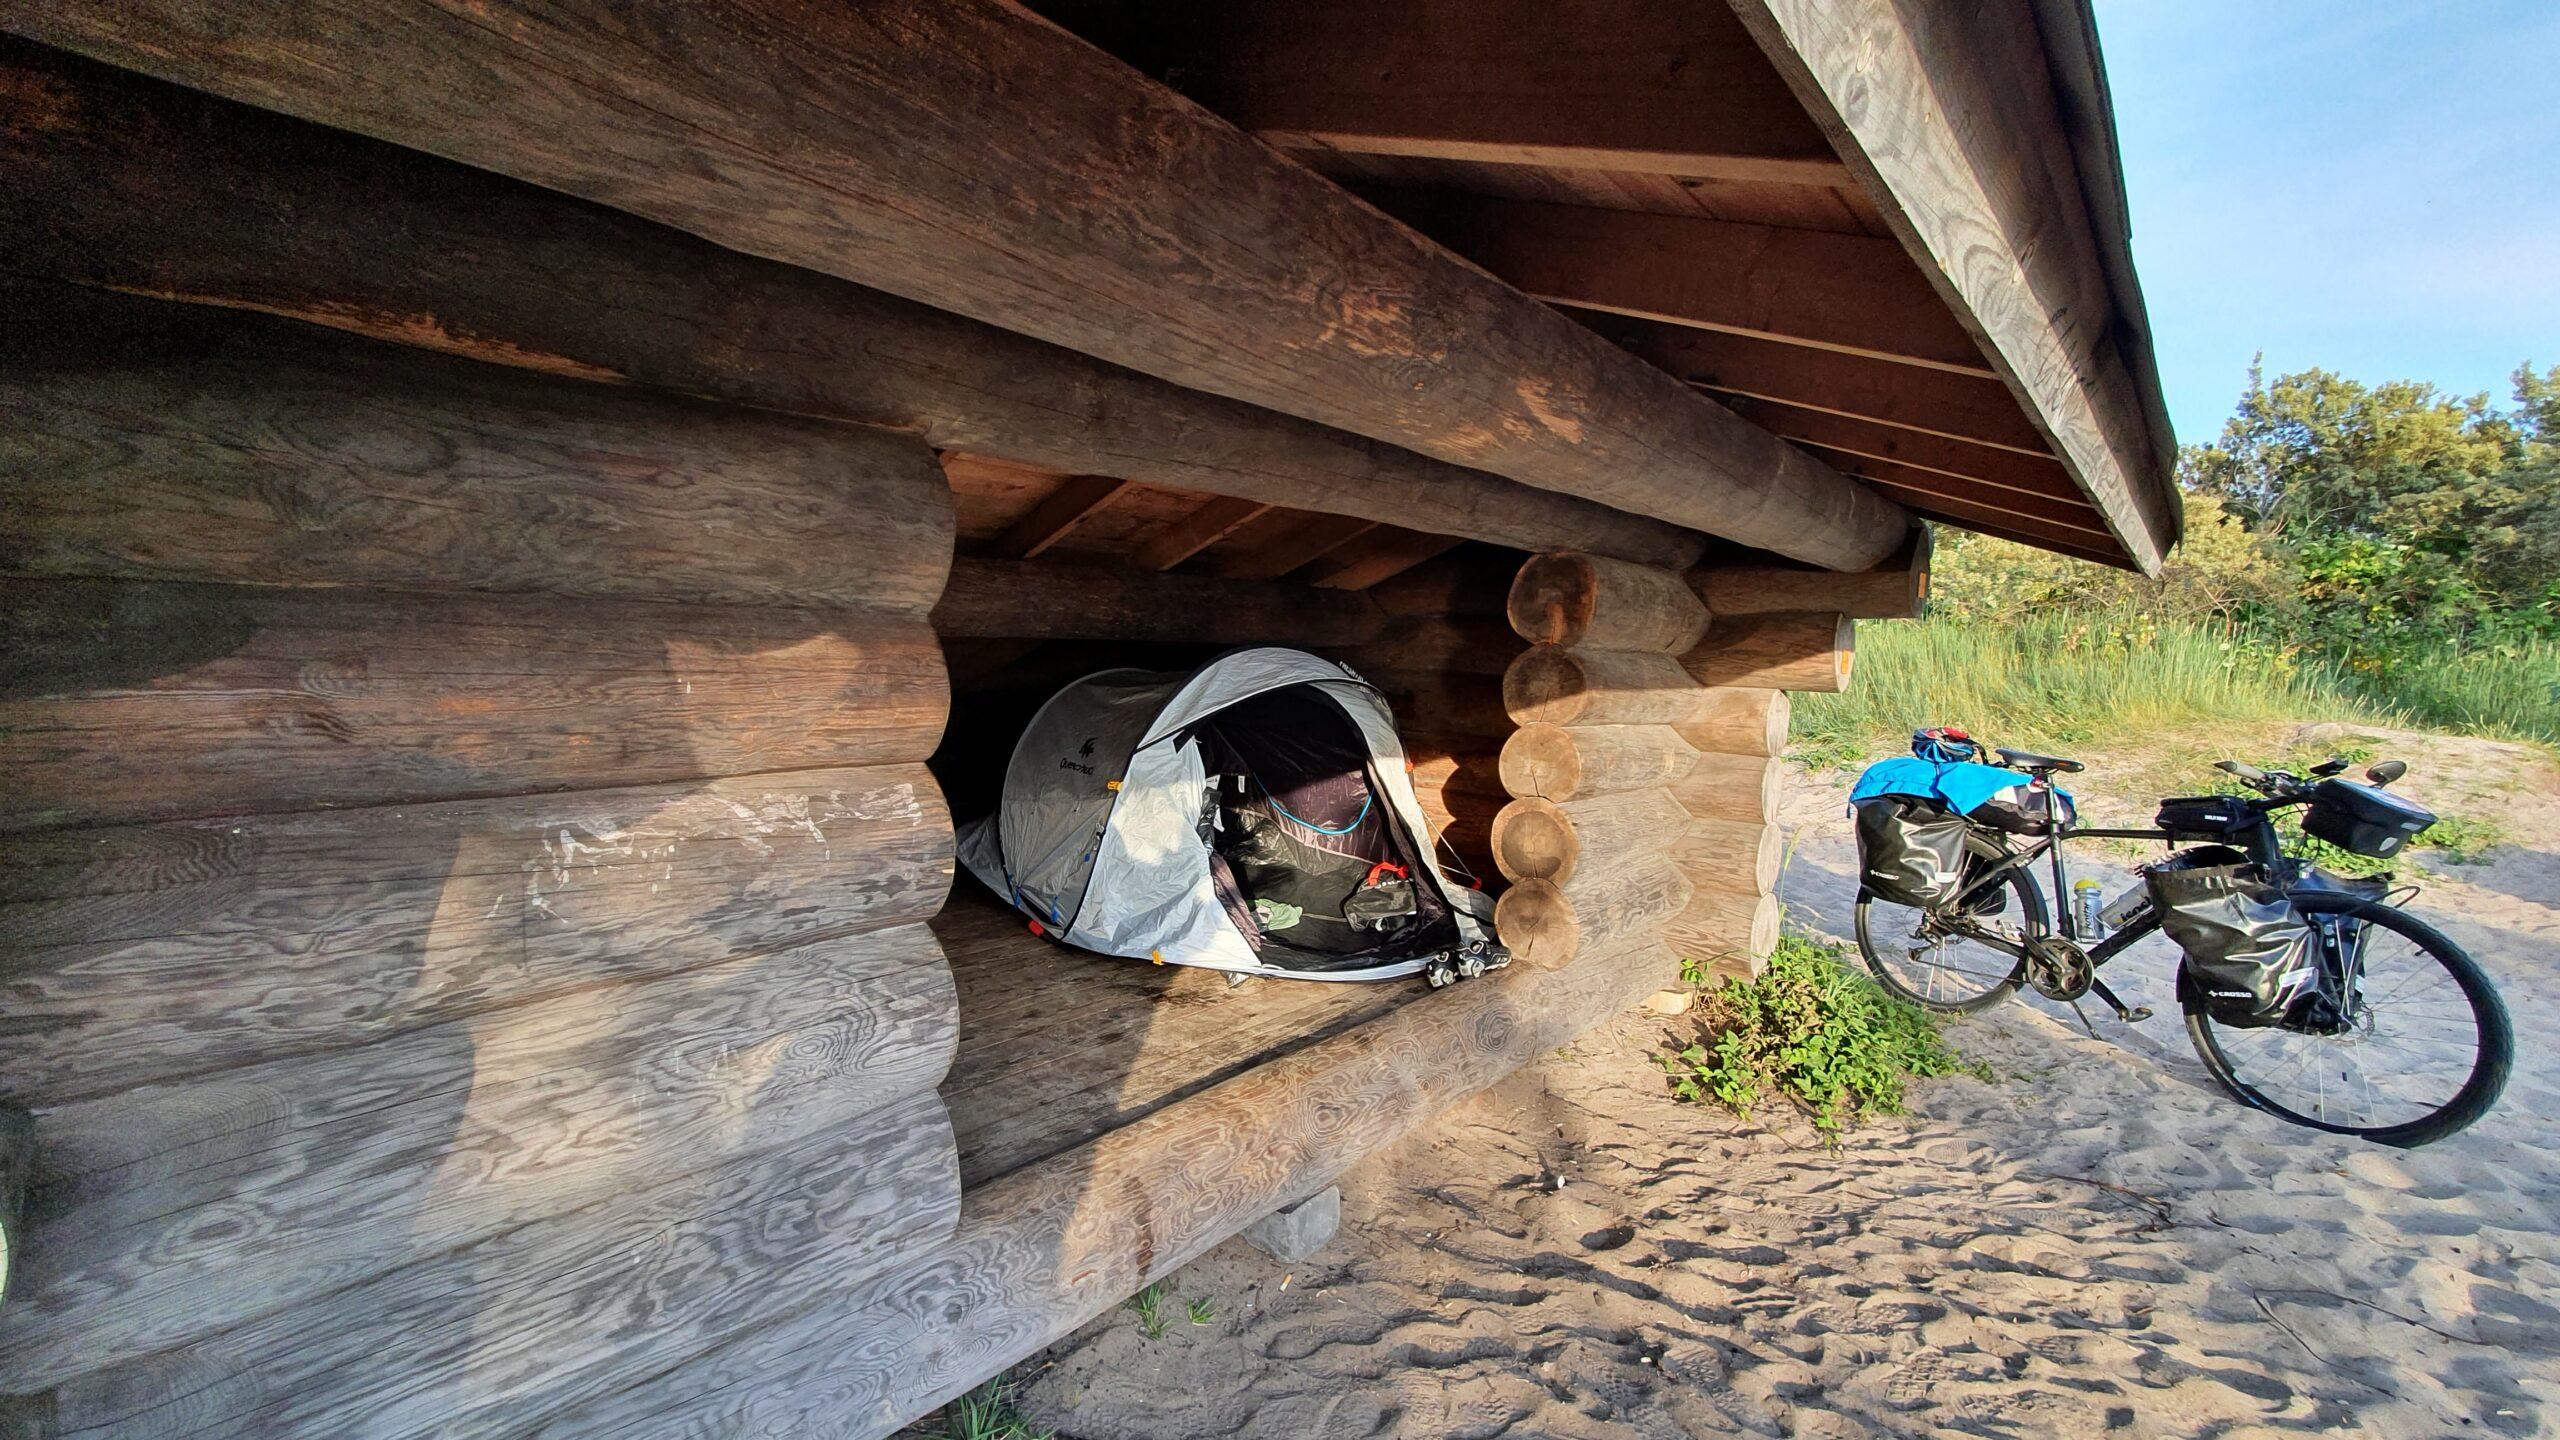 Epic Bicycle rides, Quechua Easy 2 Seconds 2, Wyprawa rowerowa Niemcy-Dania-Szwecja na trajce!